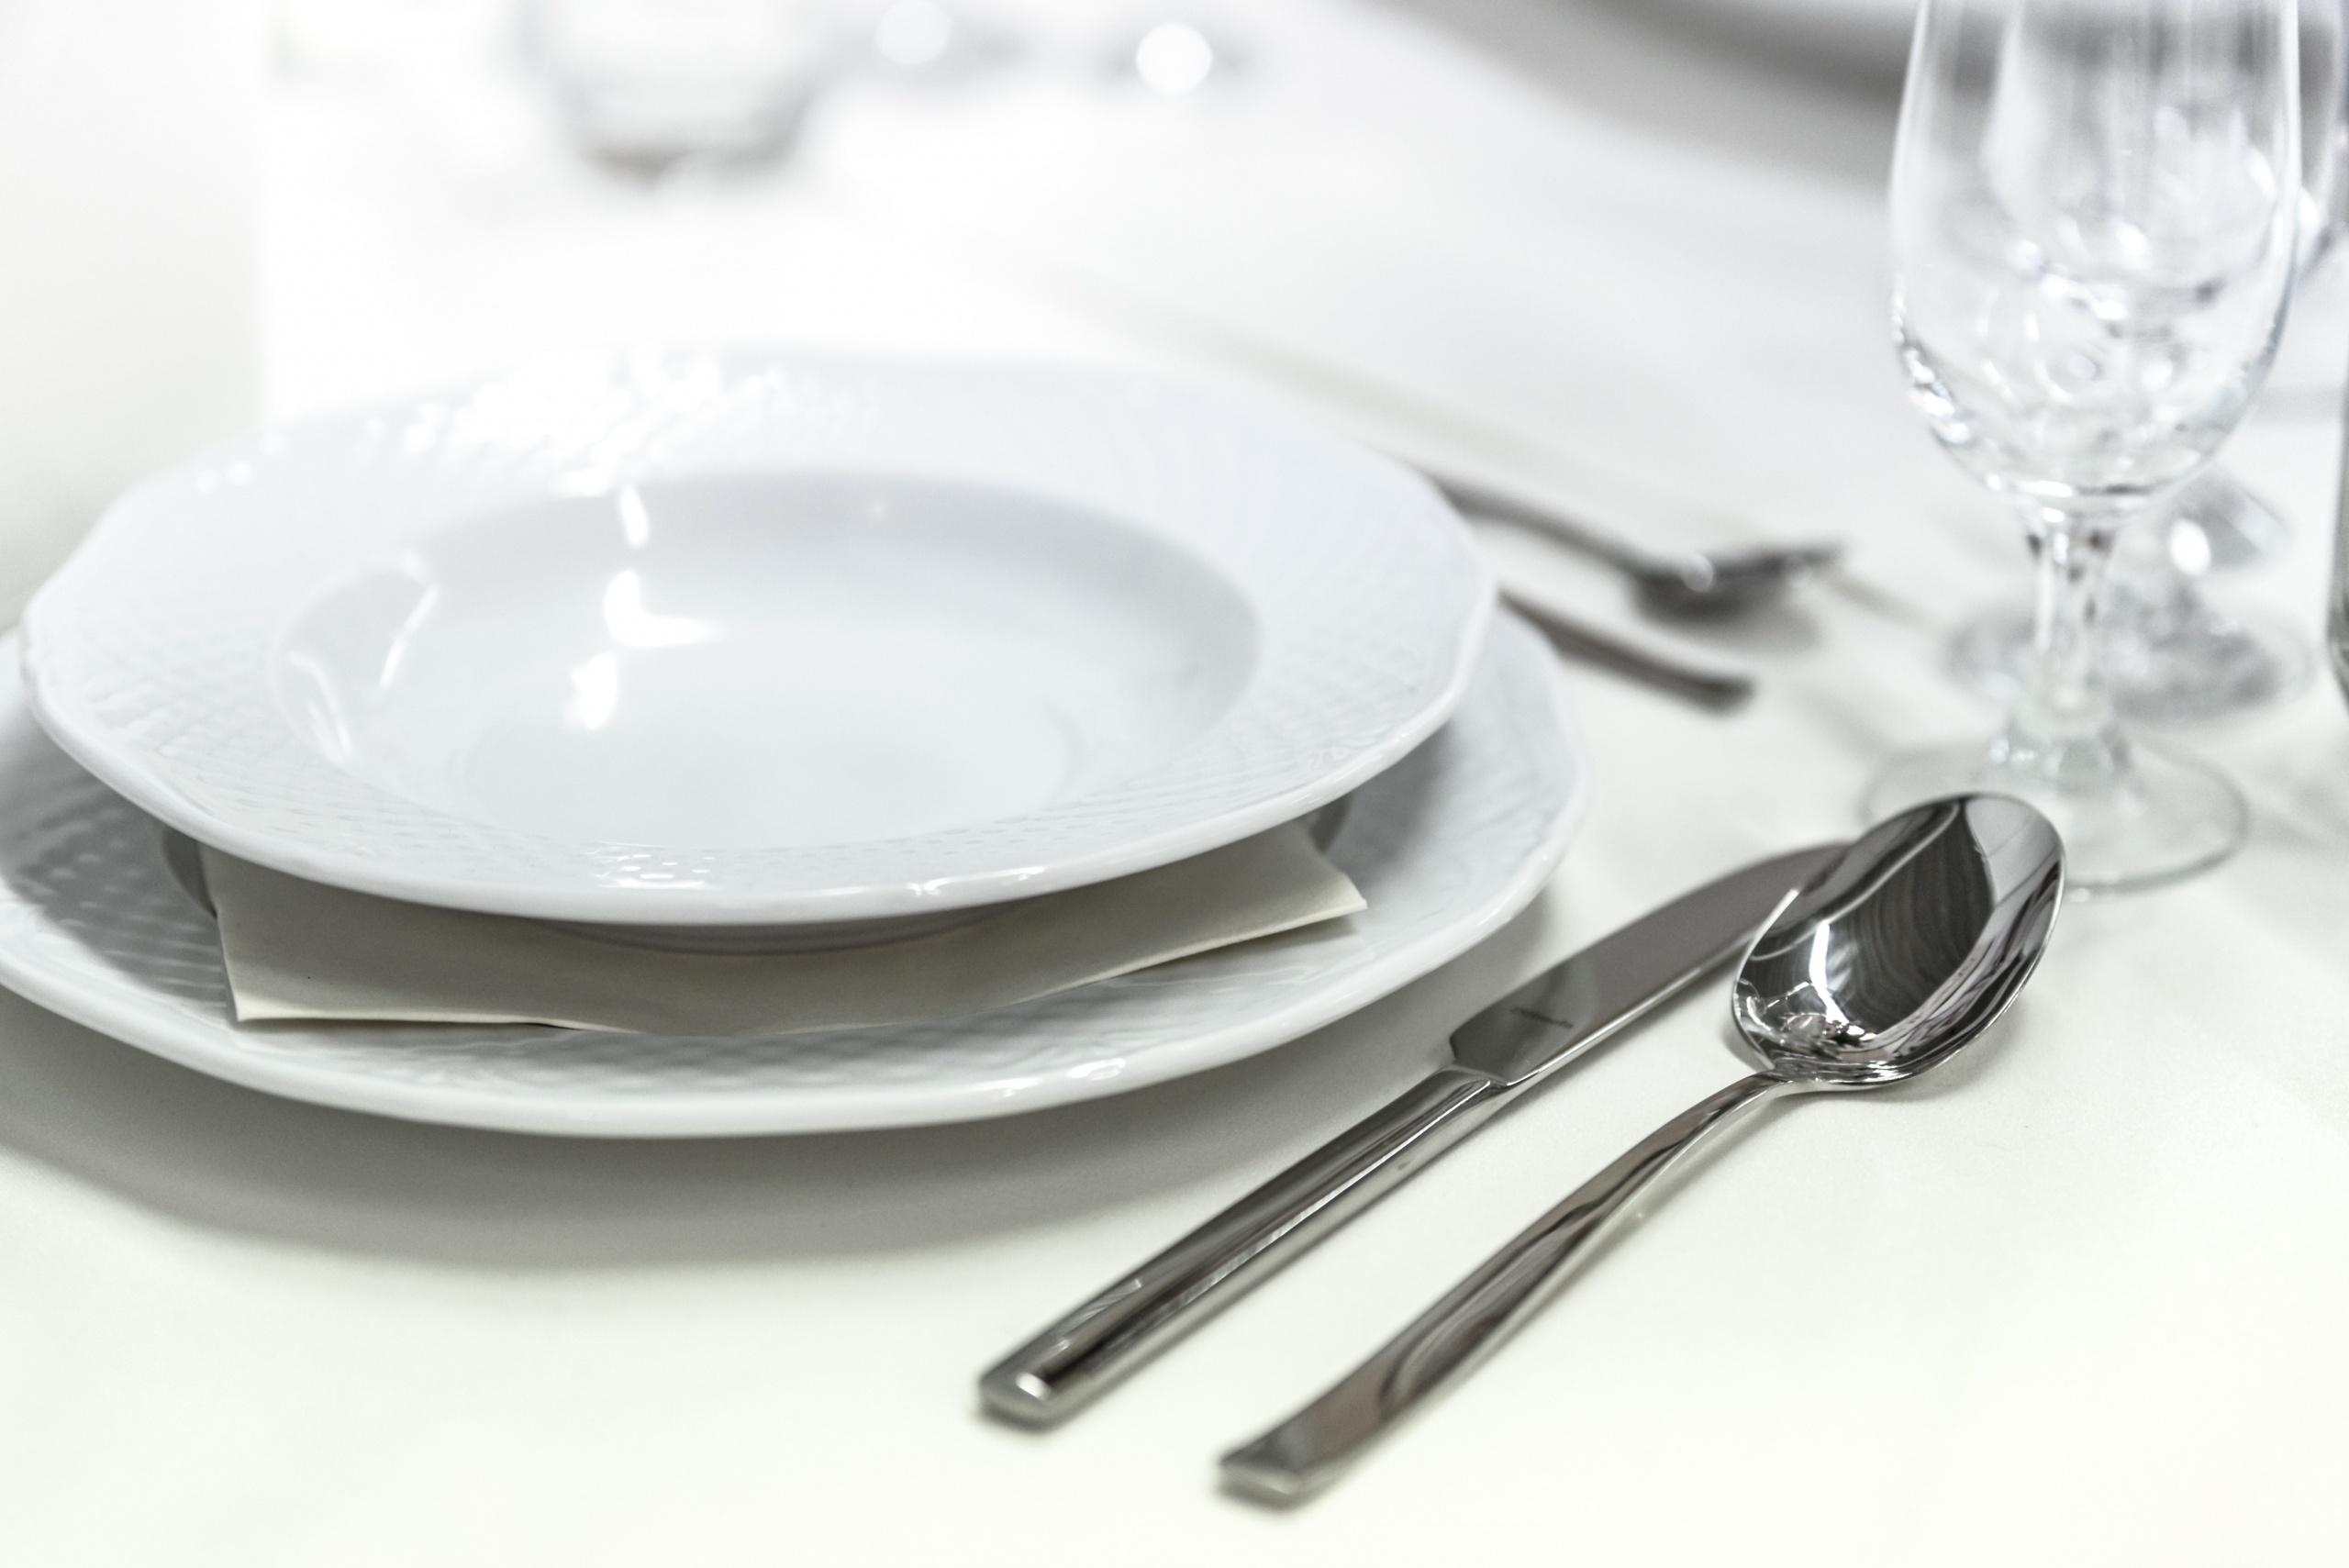 Das passende Besteck ist Pflicht beim gedeckten Tisch und guter Rezepturen